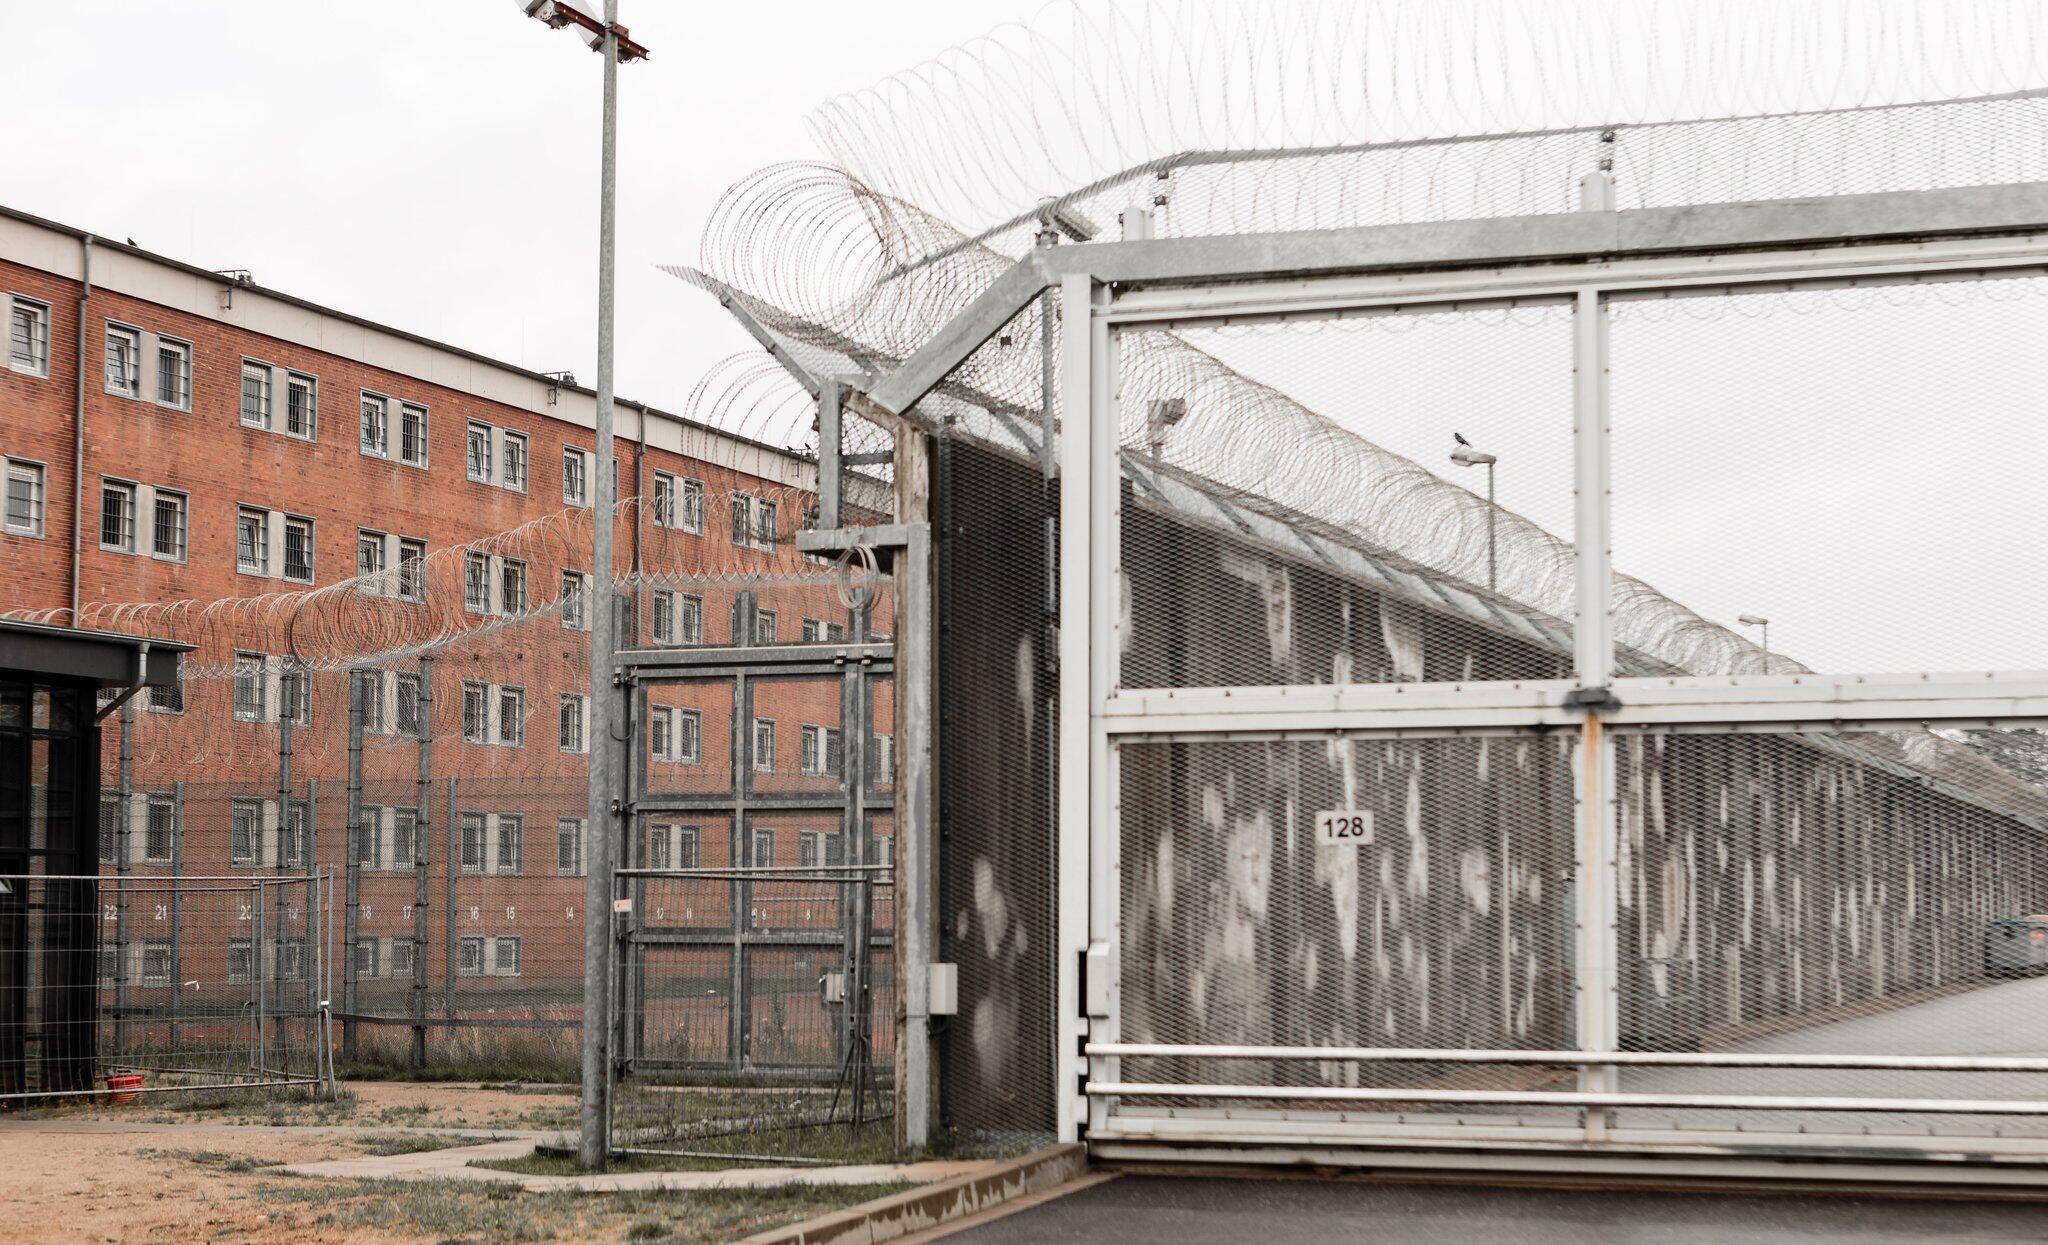 Bild zu Geiselnahme in der Justizvollzugsanstalt Lübeck